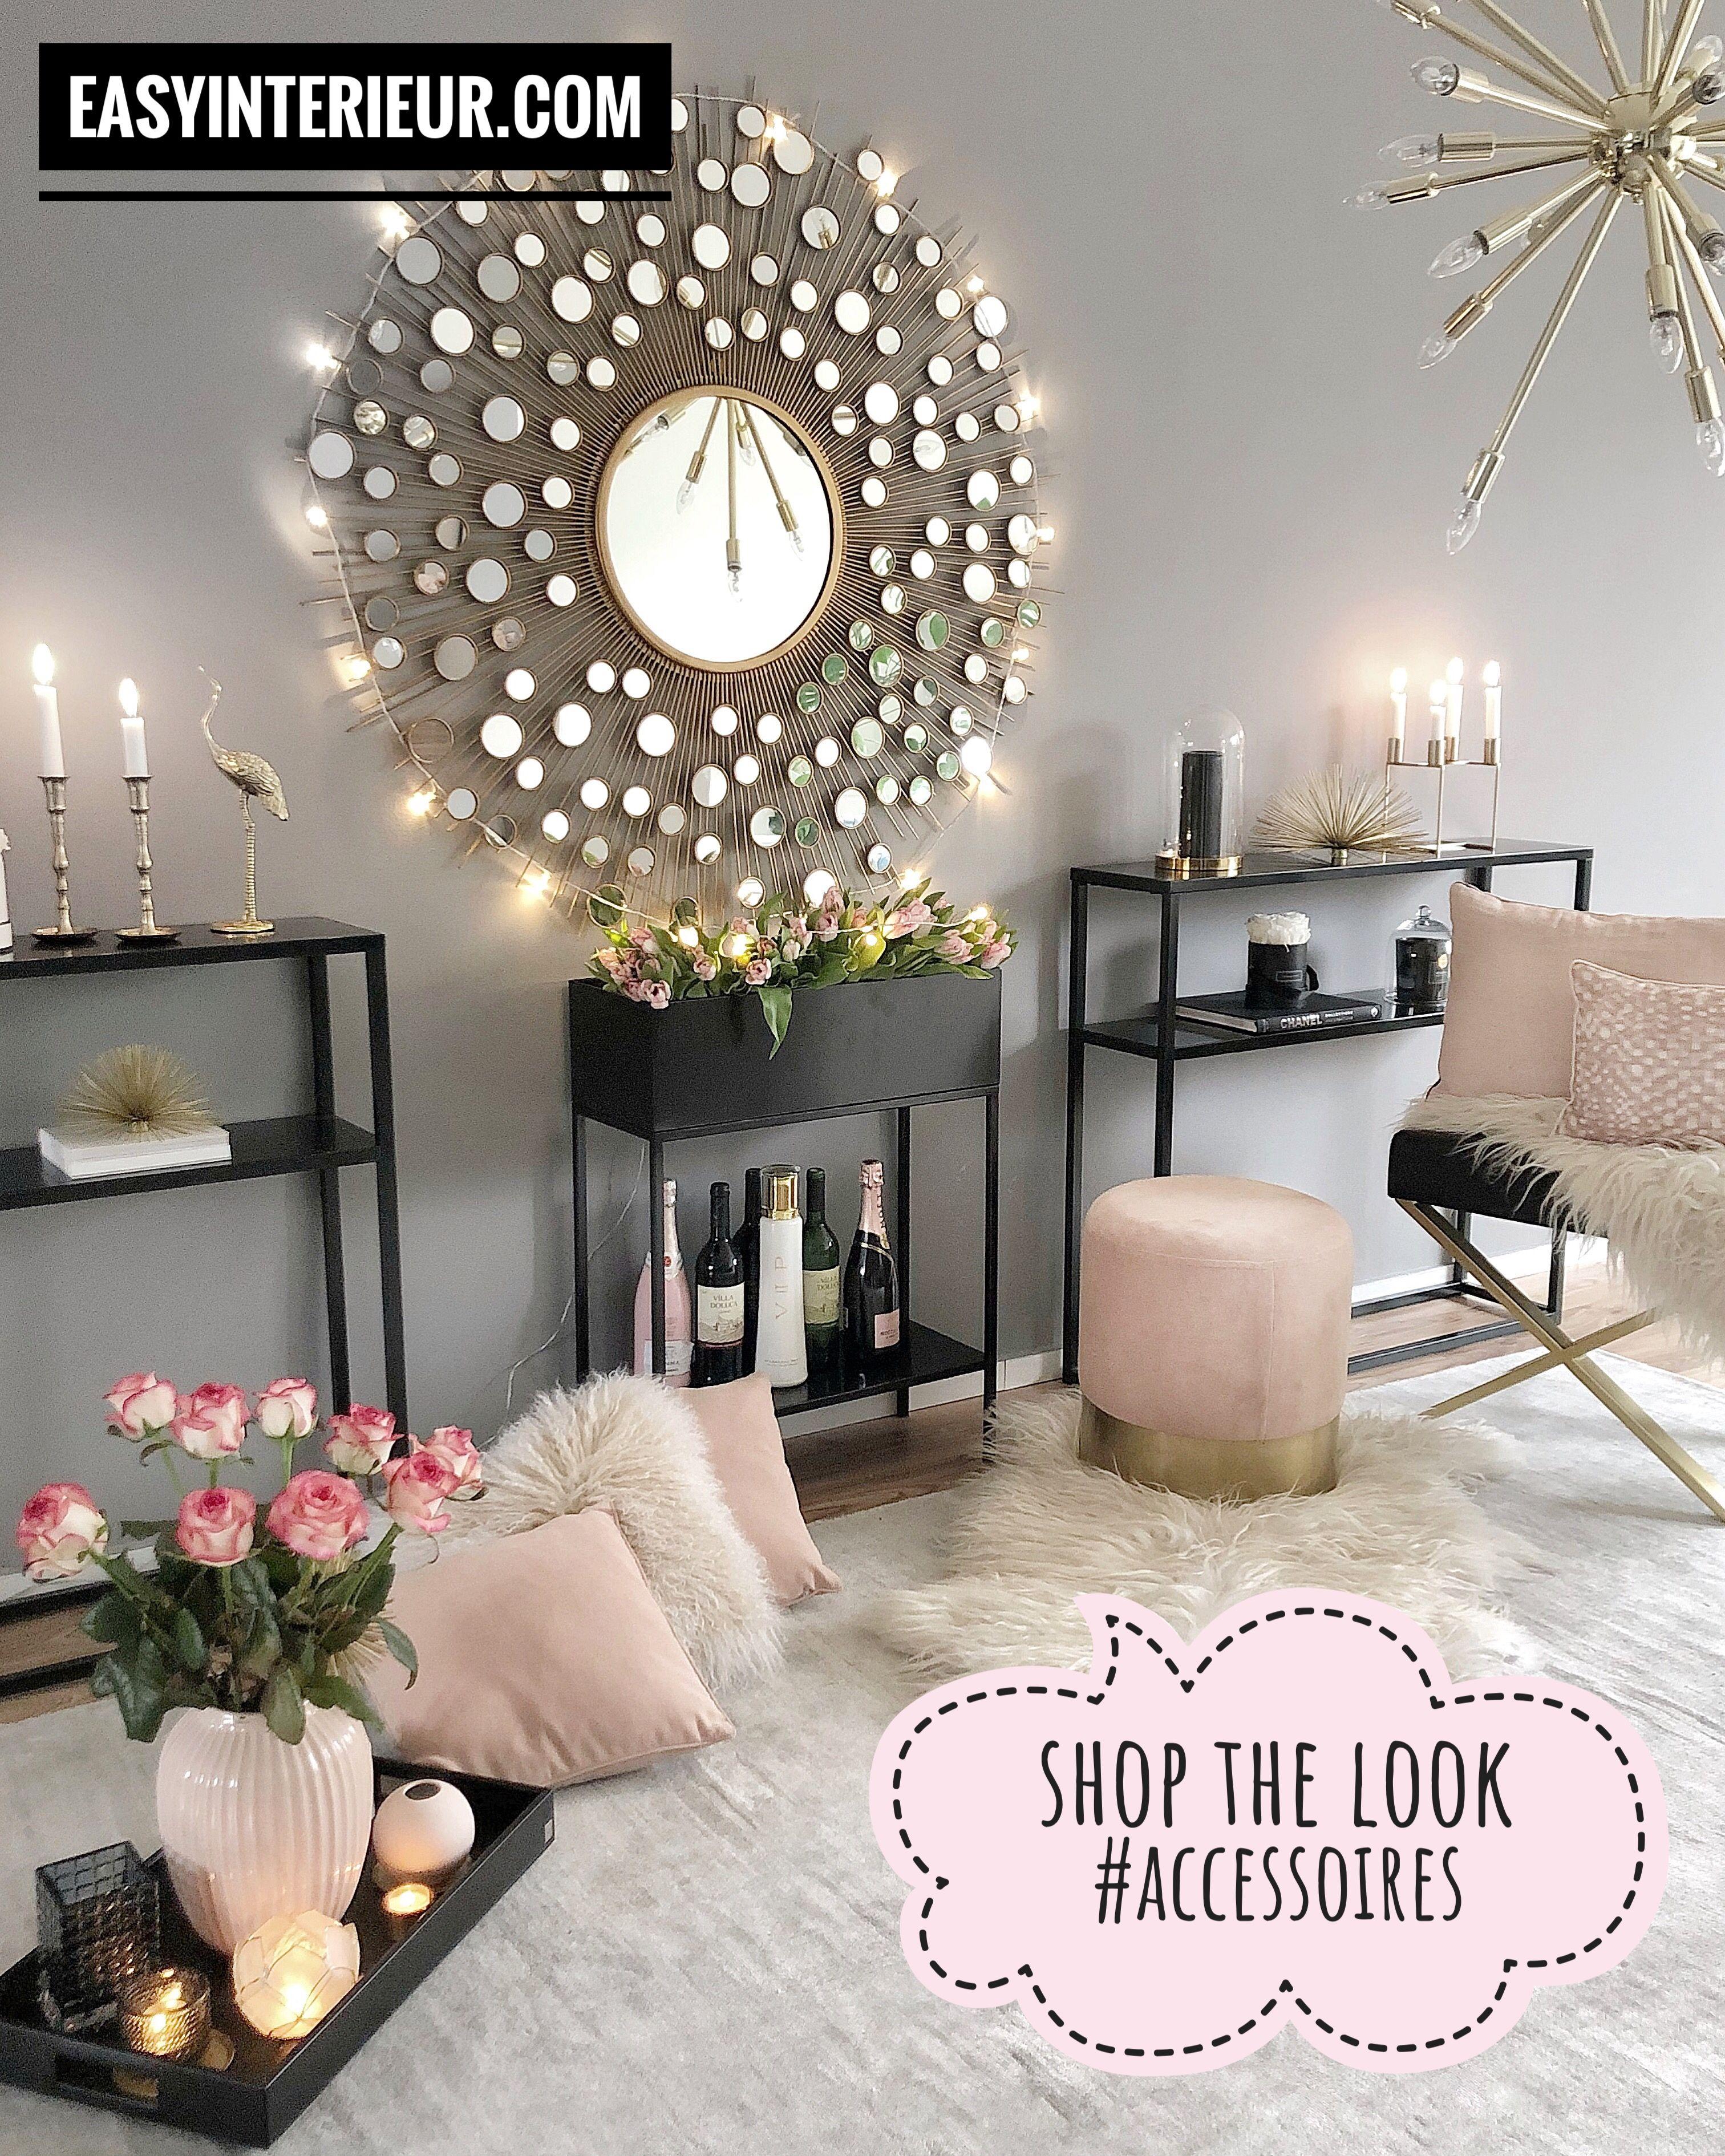 accessoires #deko #dekoration #decor #einrichten